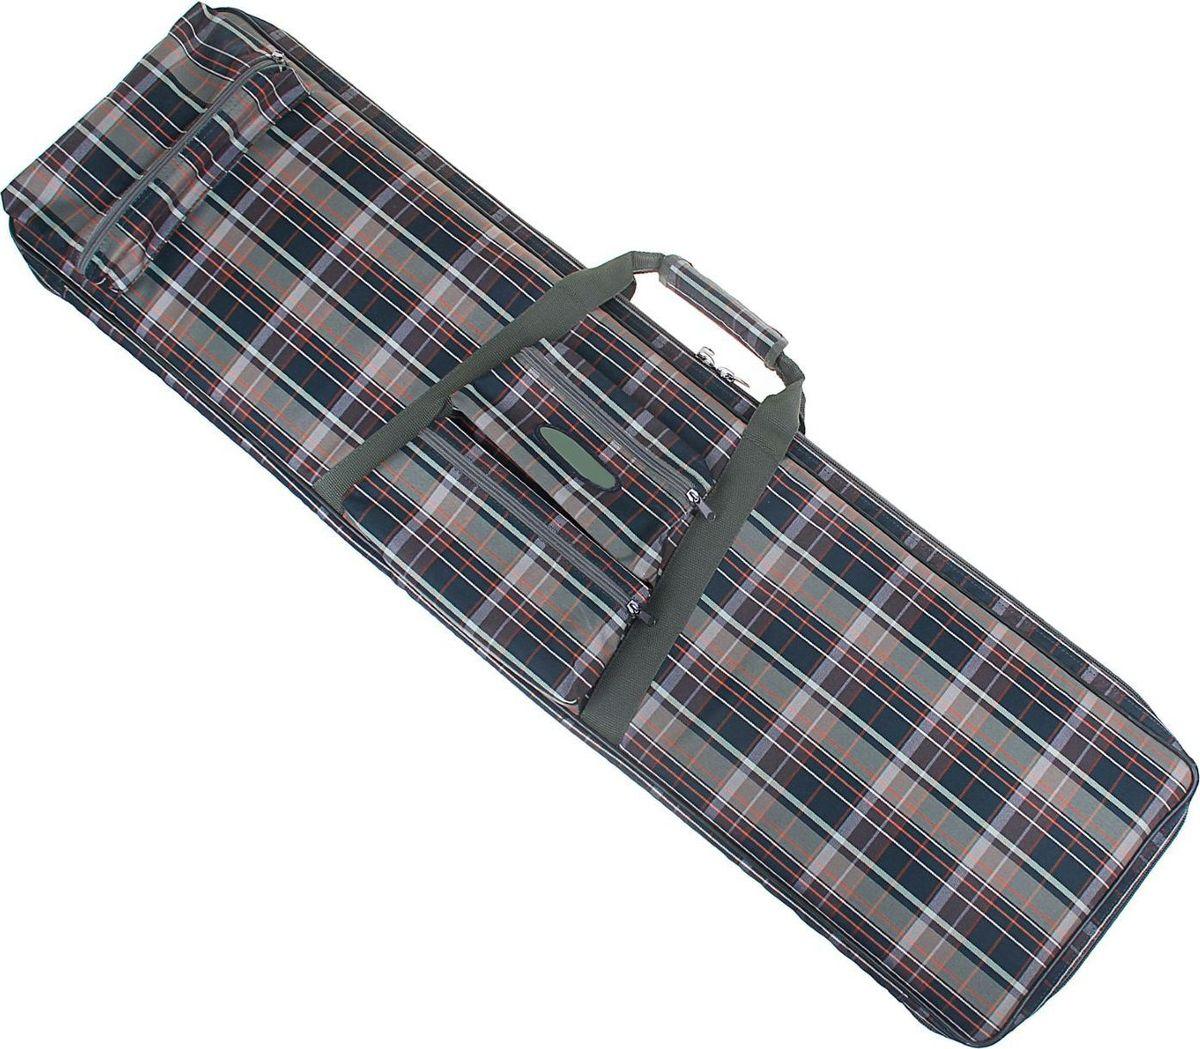 Чехол для оружия, 115 х 30 см. 12571761257176Чехол предназначен для хранения и переноса винтовки. Он выполнен из клетчатой водонепроницаемой ткани шотландка. Внутри чехла имеется карман-сетка и лямки для фиксации оружия. Изделие закрывается на молнию.Размер: 115 х 30 см.